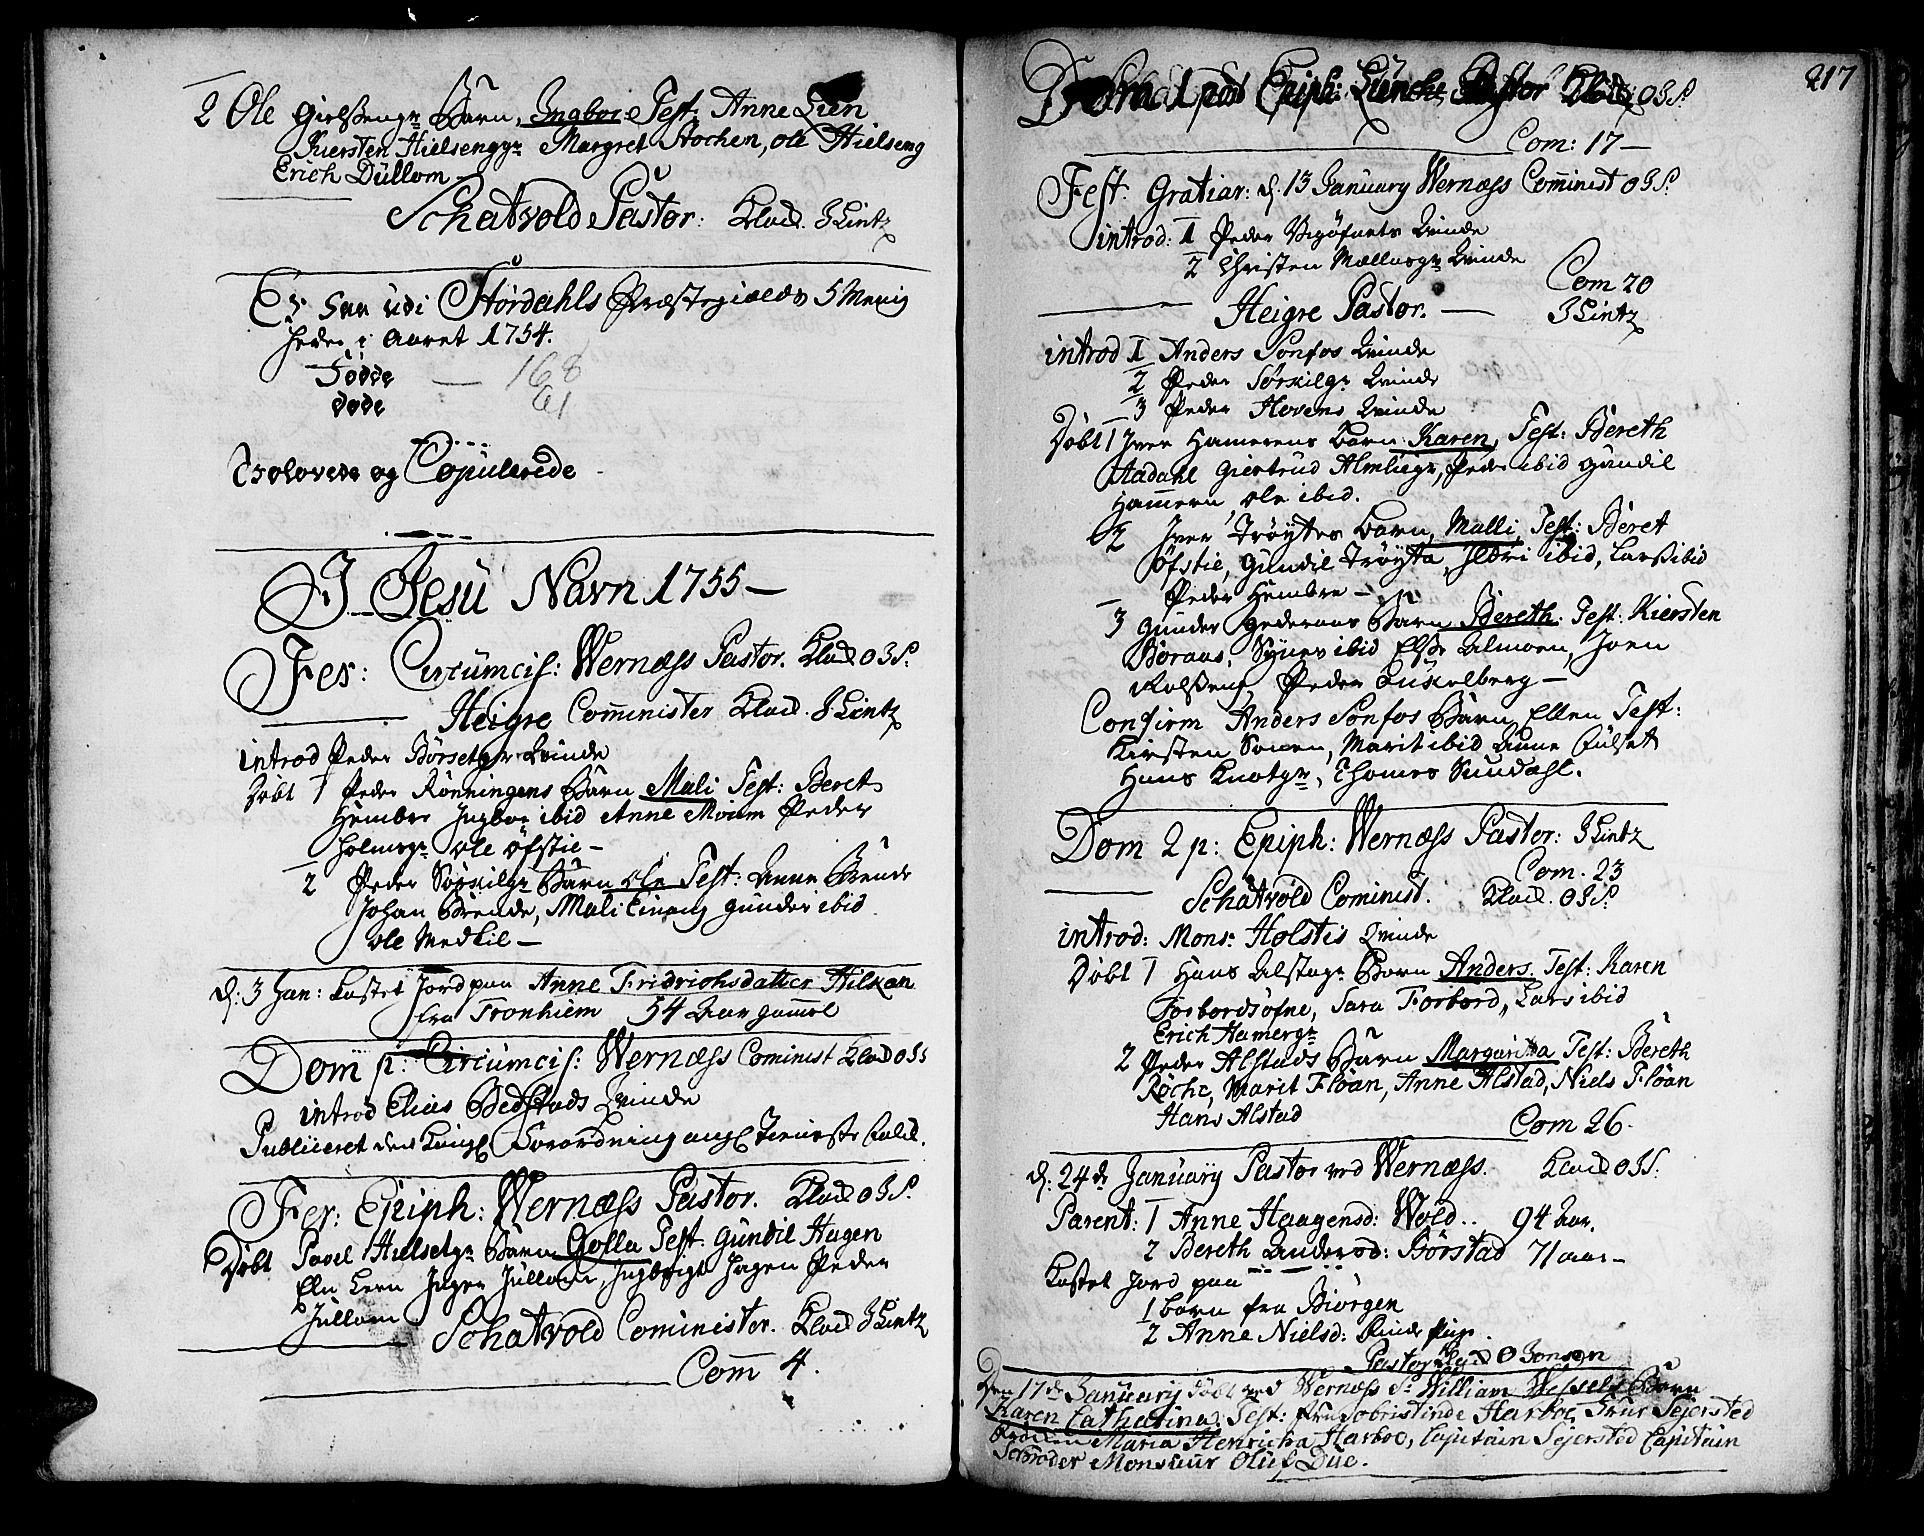 SAT, Ministerialprotokoller, klokkerbøker og fødselsregistre - Nord-Trøndelag, 709/L0056: Ministerialbok nr. 709A04, 1740-1756, s. 217